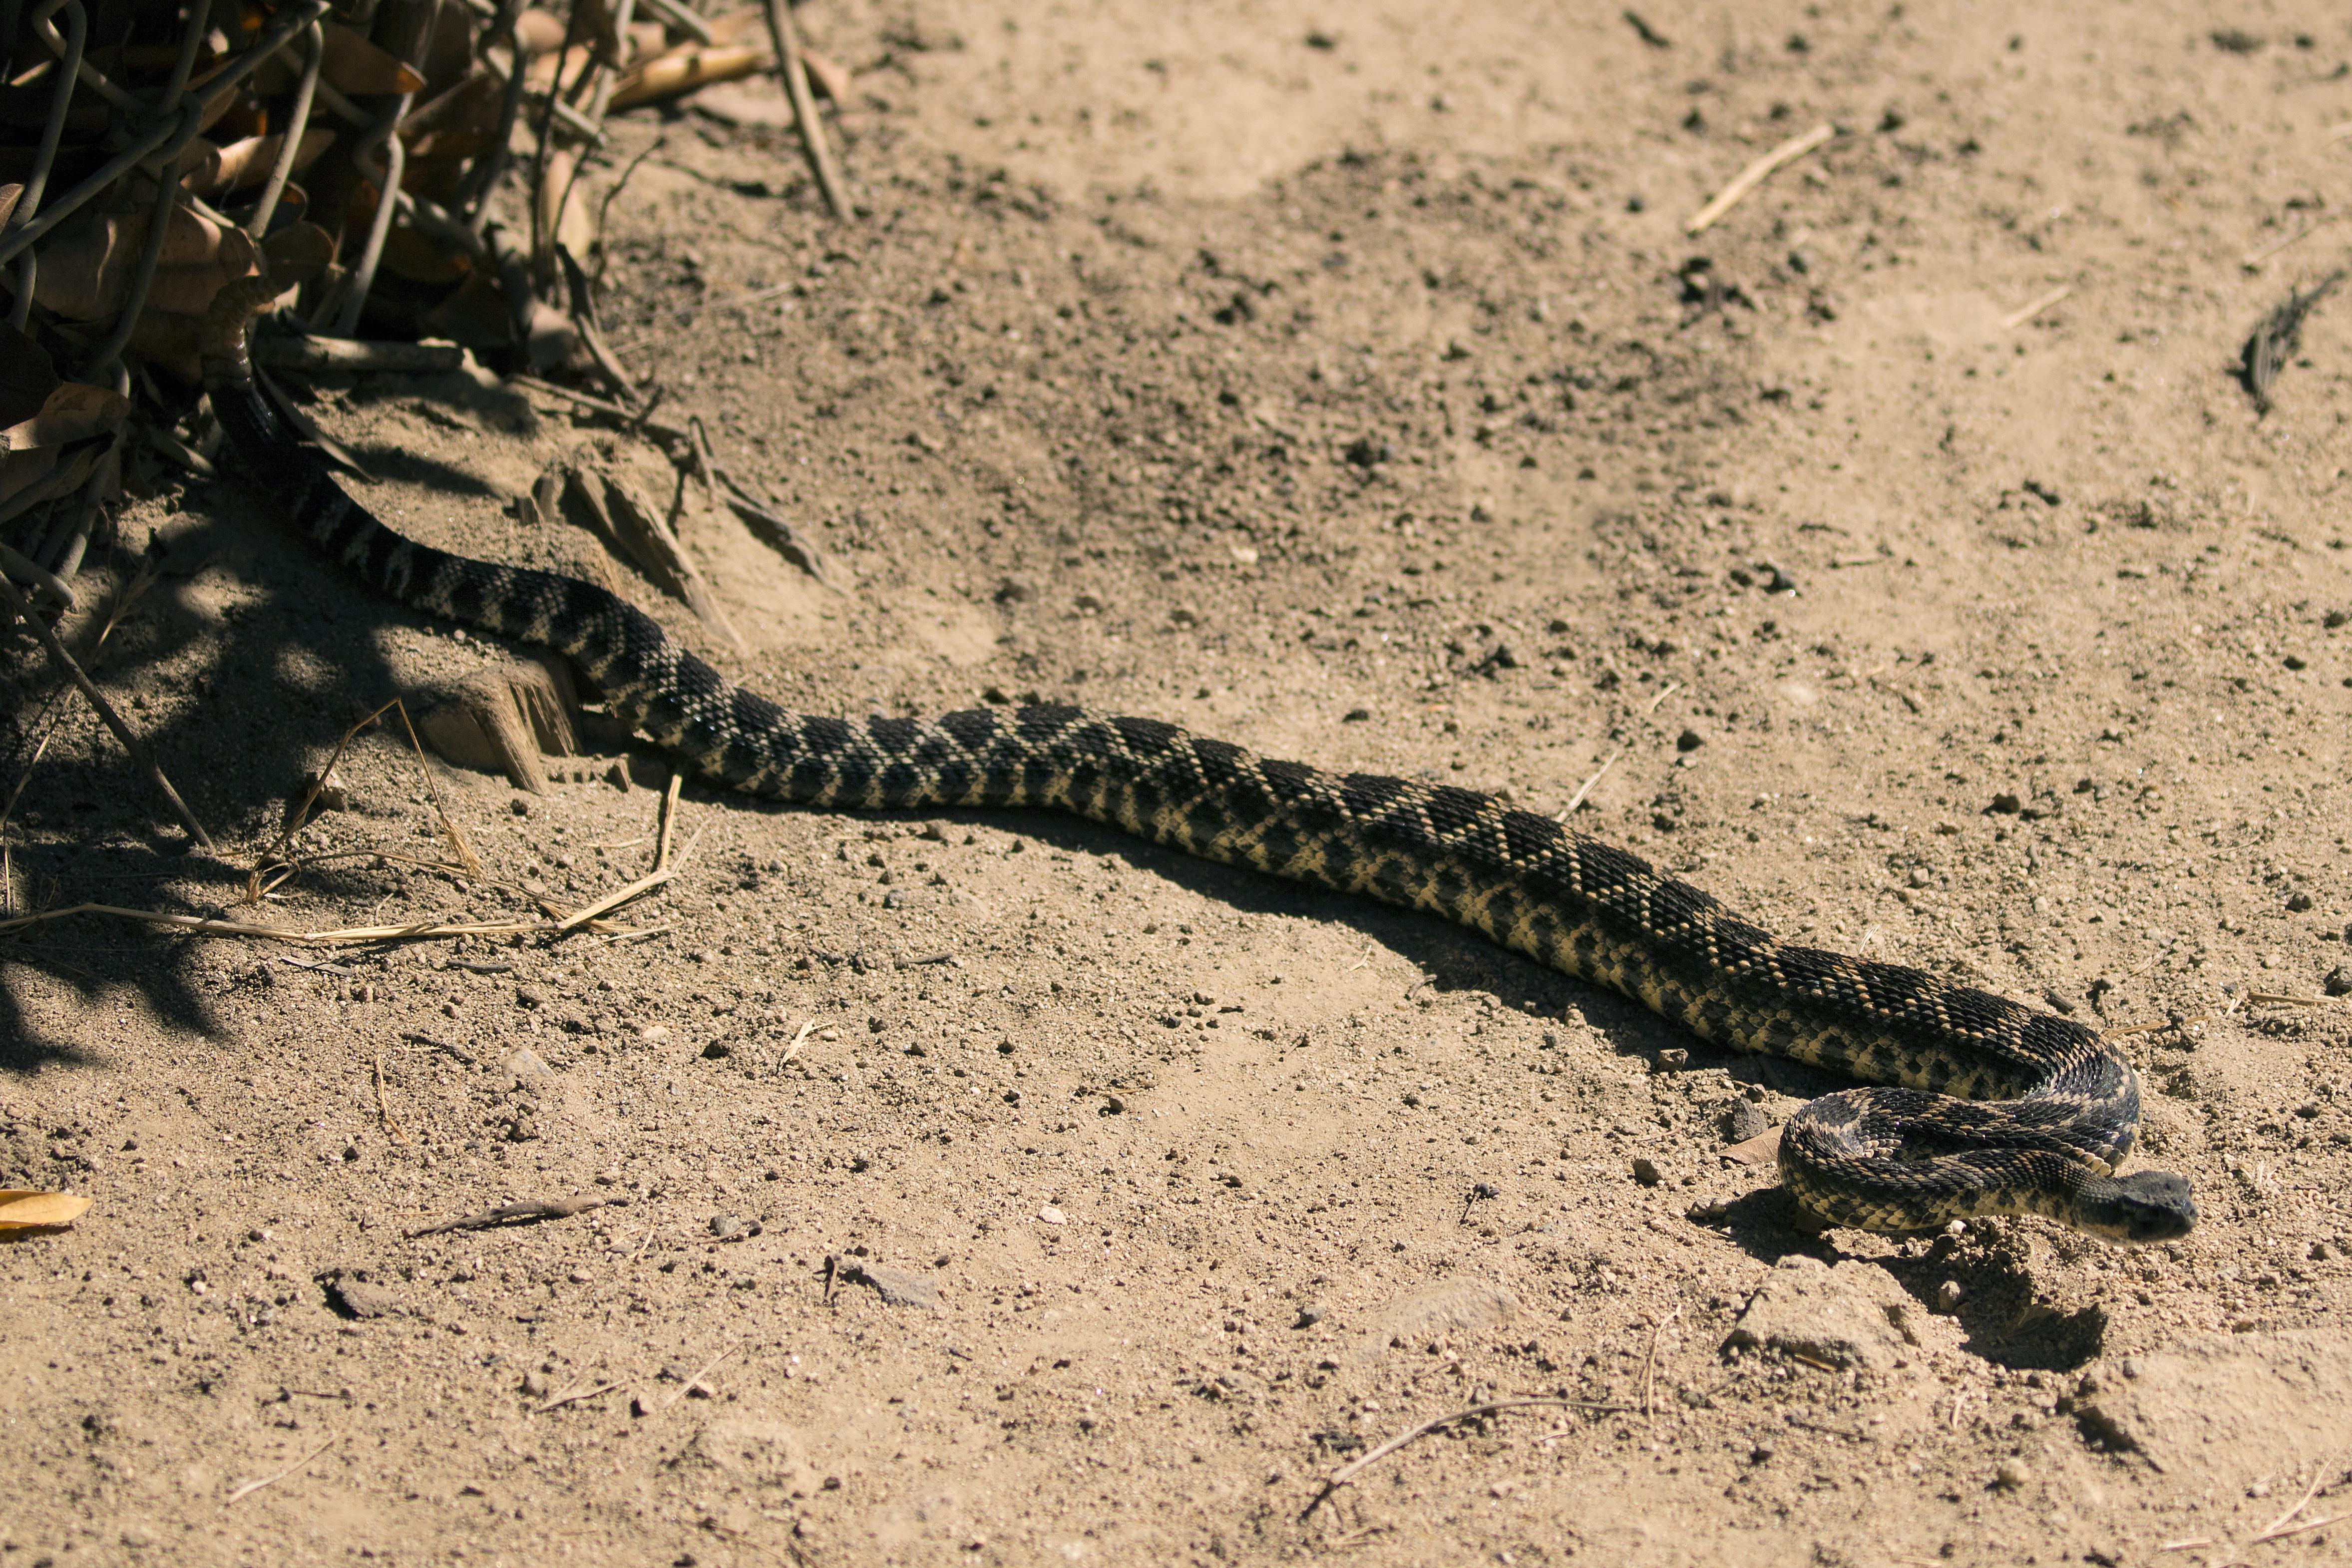 Rattle snake 2